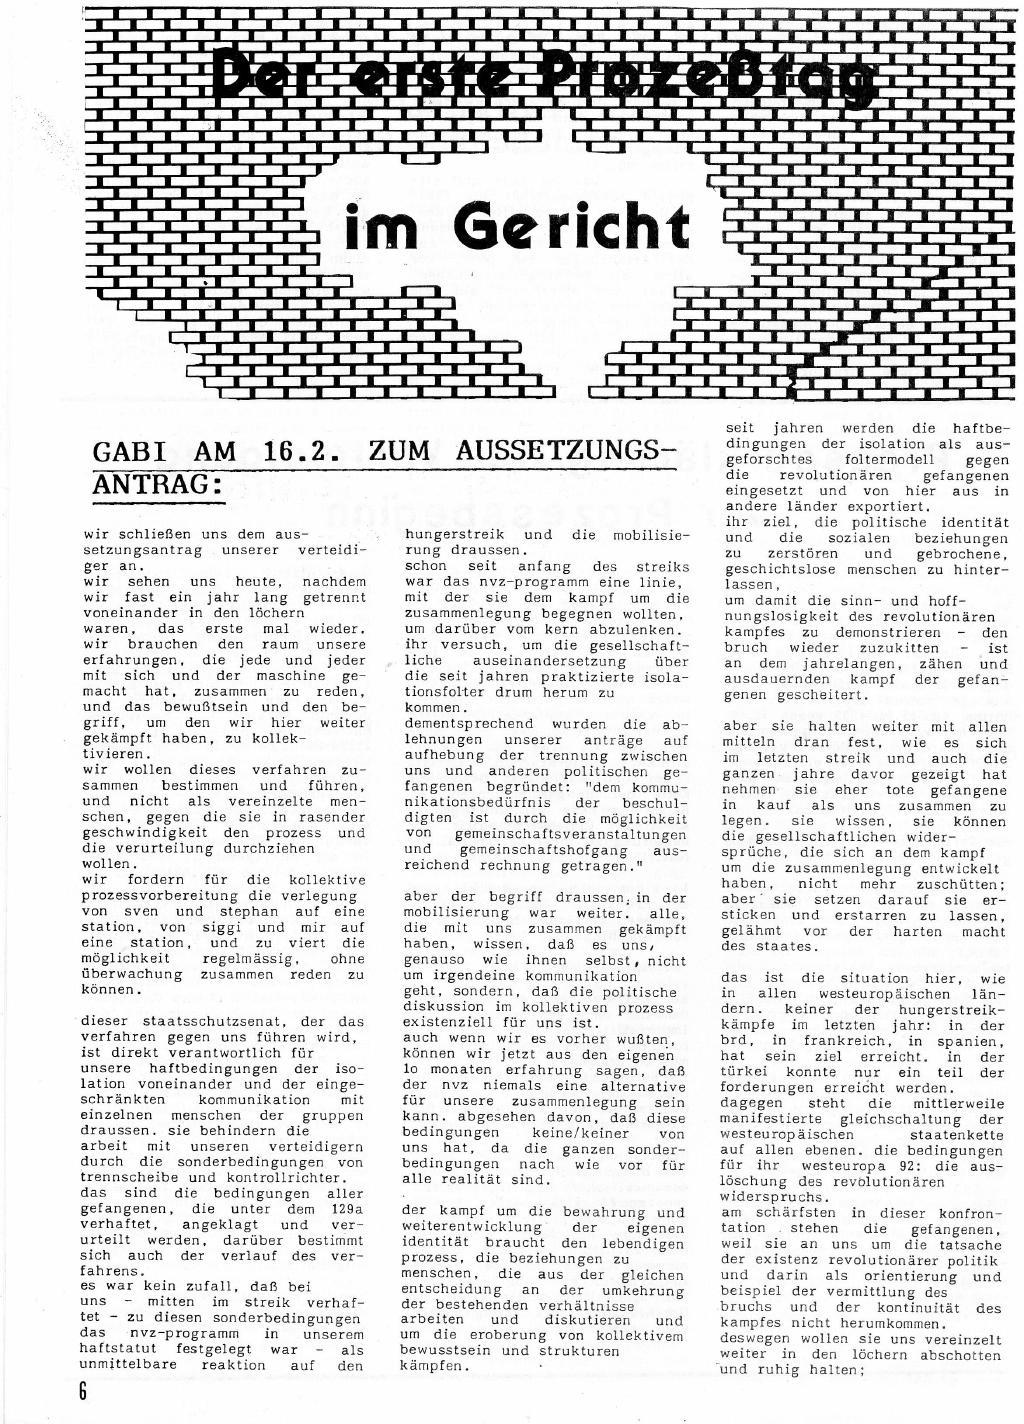 Frankfurt_Prozessinfo_Kein_Frieden_mit_den_Banken_1990_1_2_06